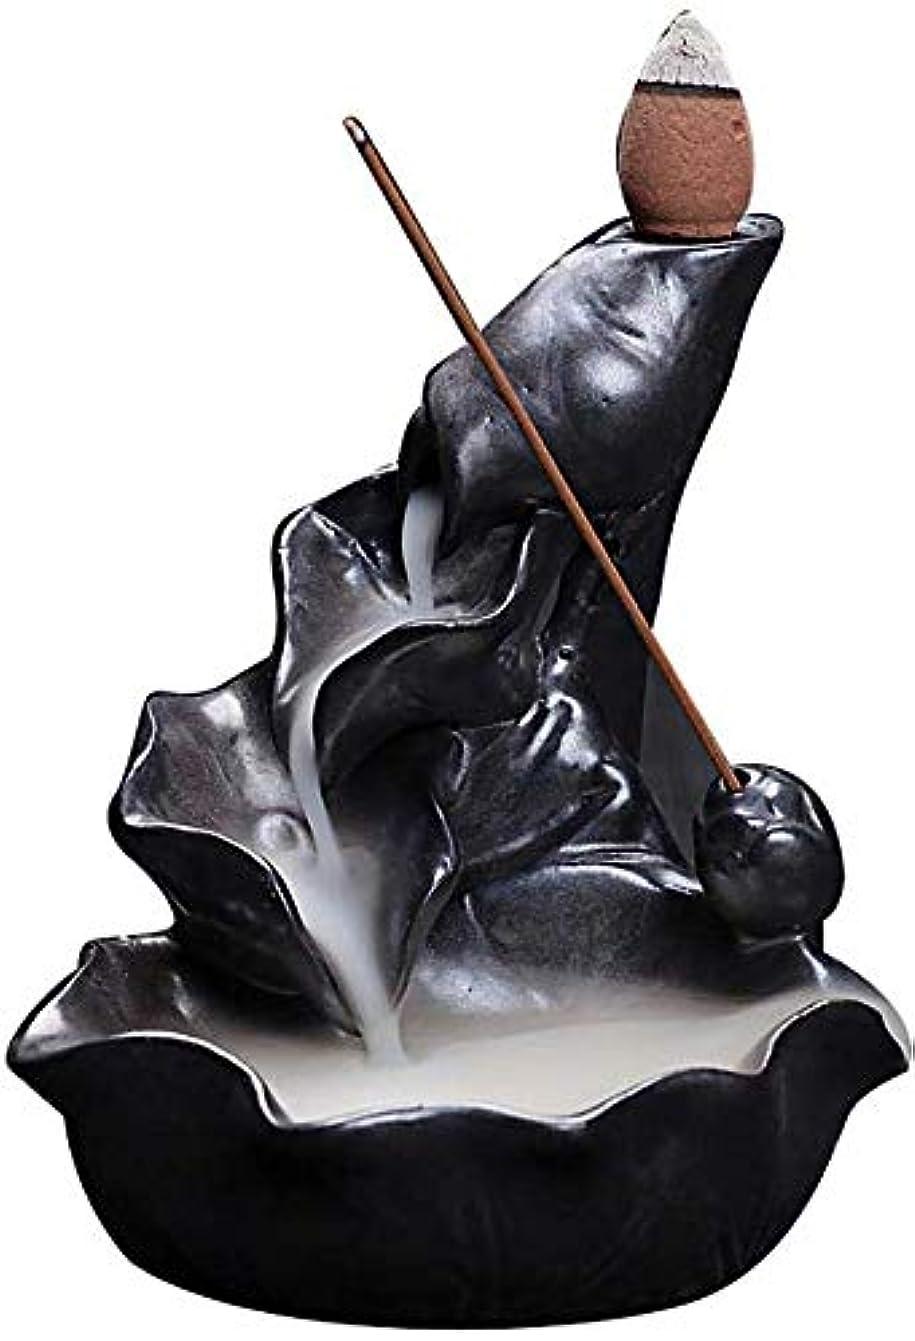 被る分子シリング香炉、逆流香ホルダーセラミックロータス葉香コーンコーンバーナー香スティックホルダー,Black